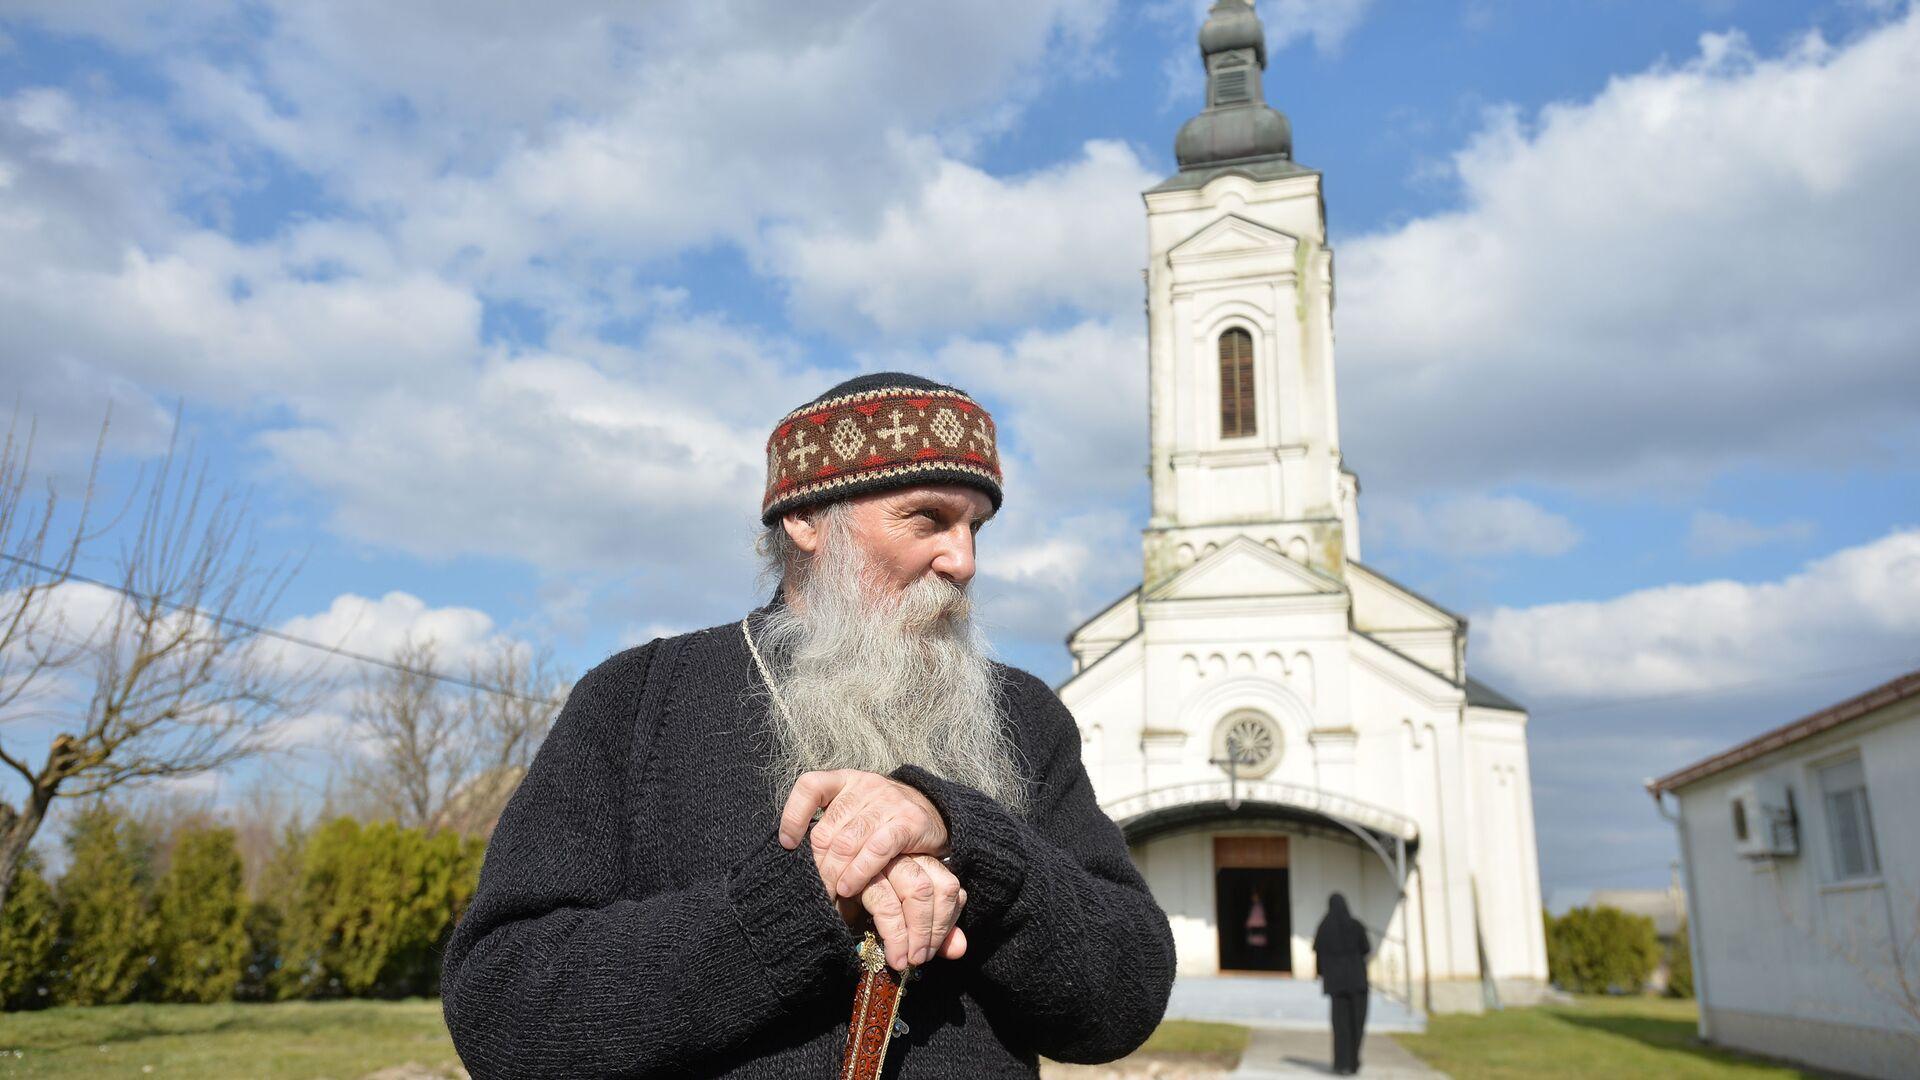 Episkop pakračko - slavonski Jovan Ćulibrk ispred manastira u Jasenovcu. - Sputnik Srbija, 1920, 12.09.2021